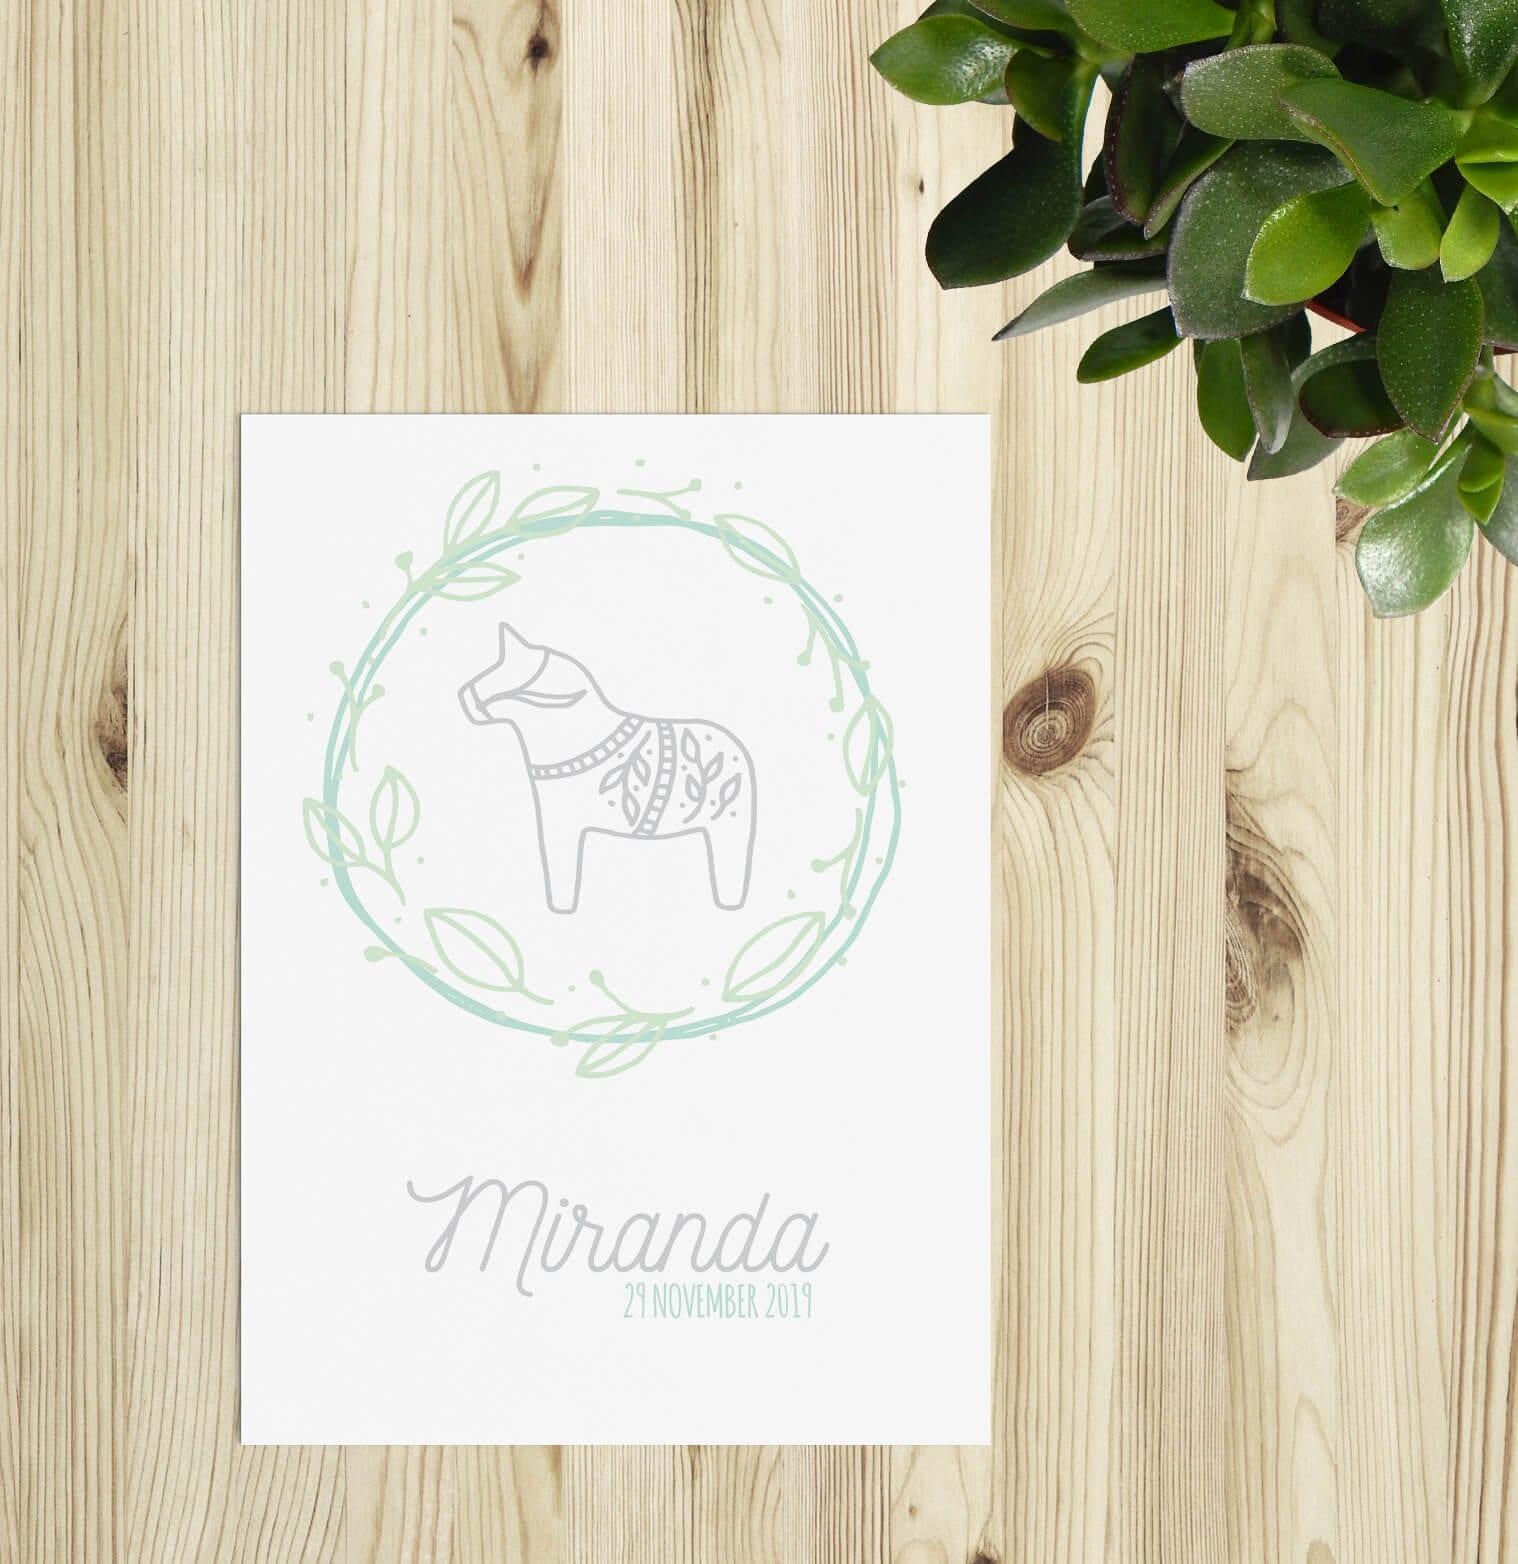 Op geboortekaartje Zweeds Paardje staat een minimalistische illustratie van het beroemde Zweedse paardje uit Dalarna. Het is een grijze lijntekening. Moderne geboortekaartjes.